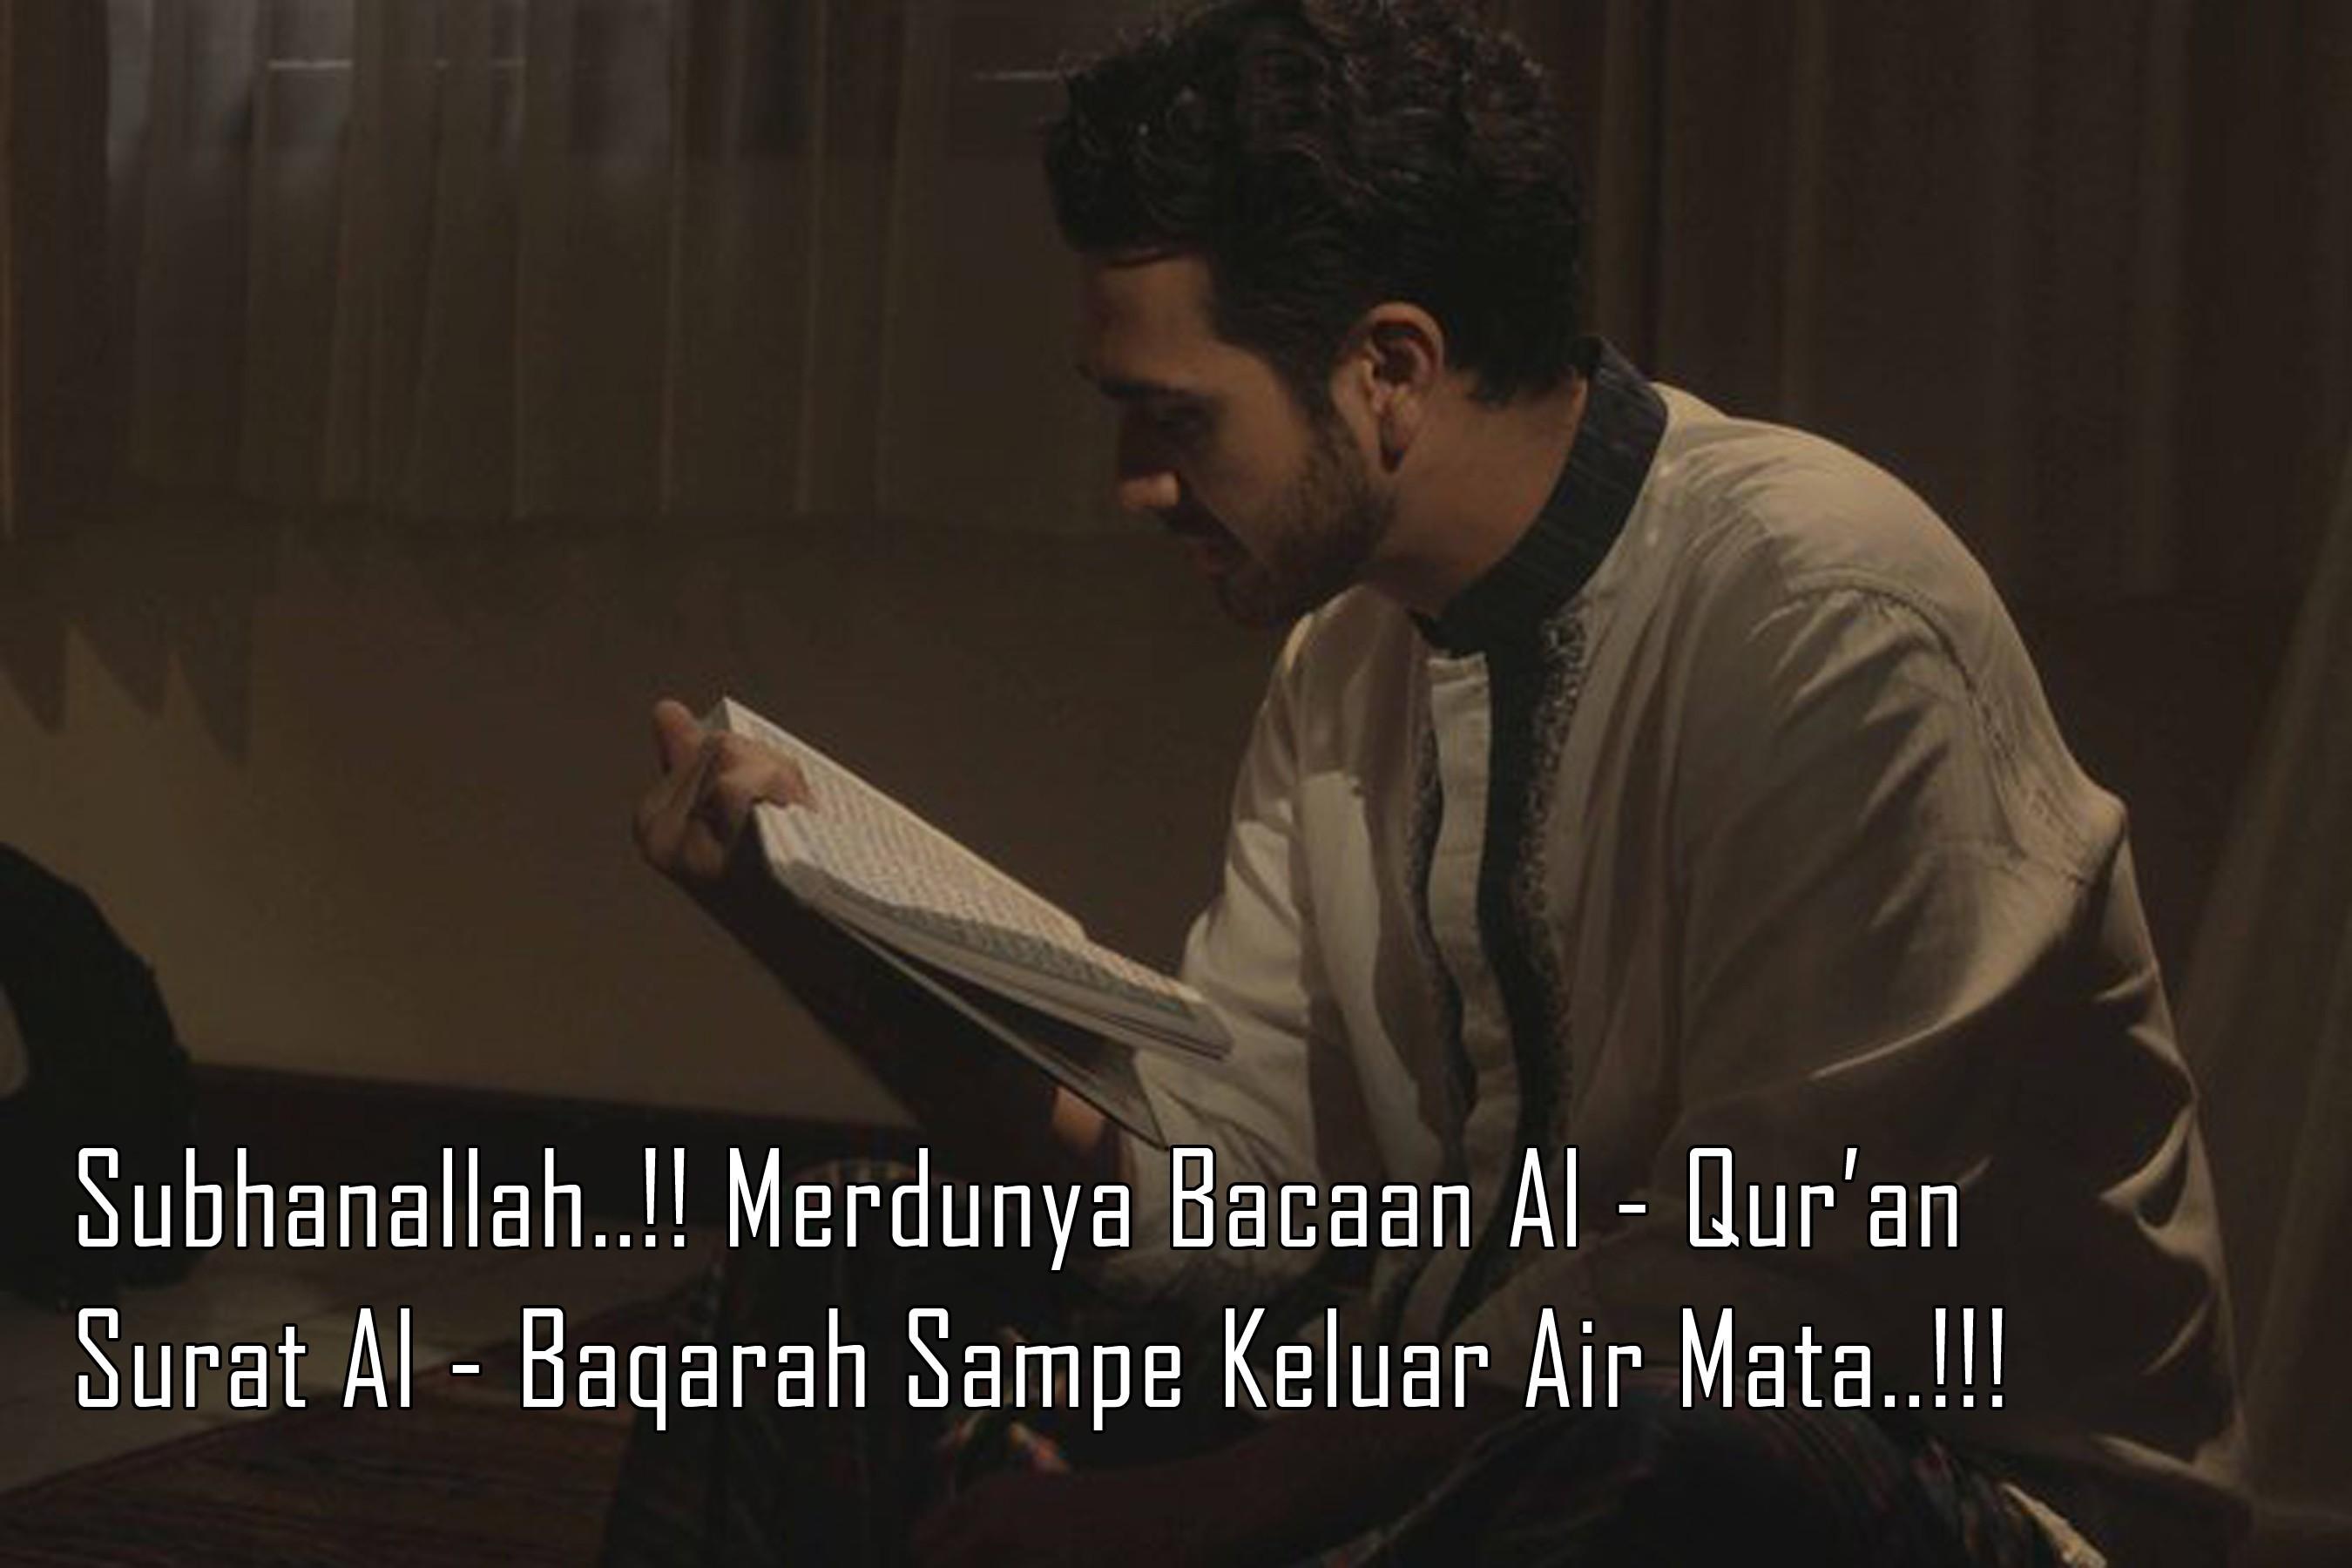 Subhanallah Merdunya Bacaan Al Quran Surat Al Baqarah Sampe Keluar Air Mata